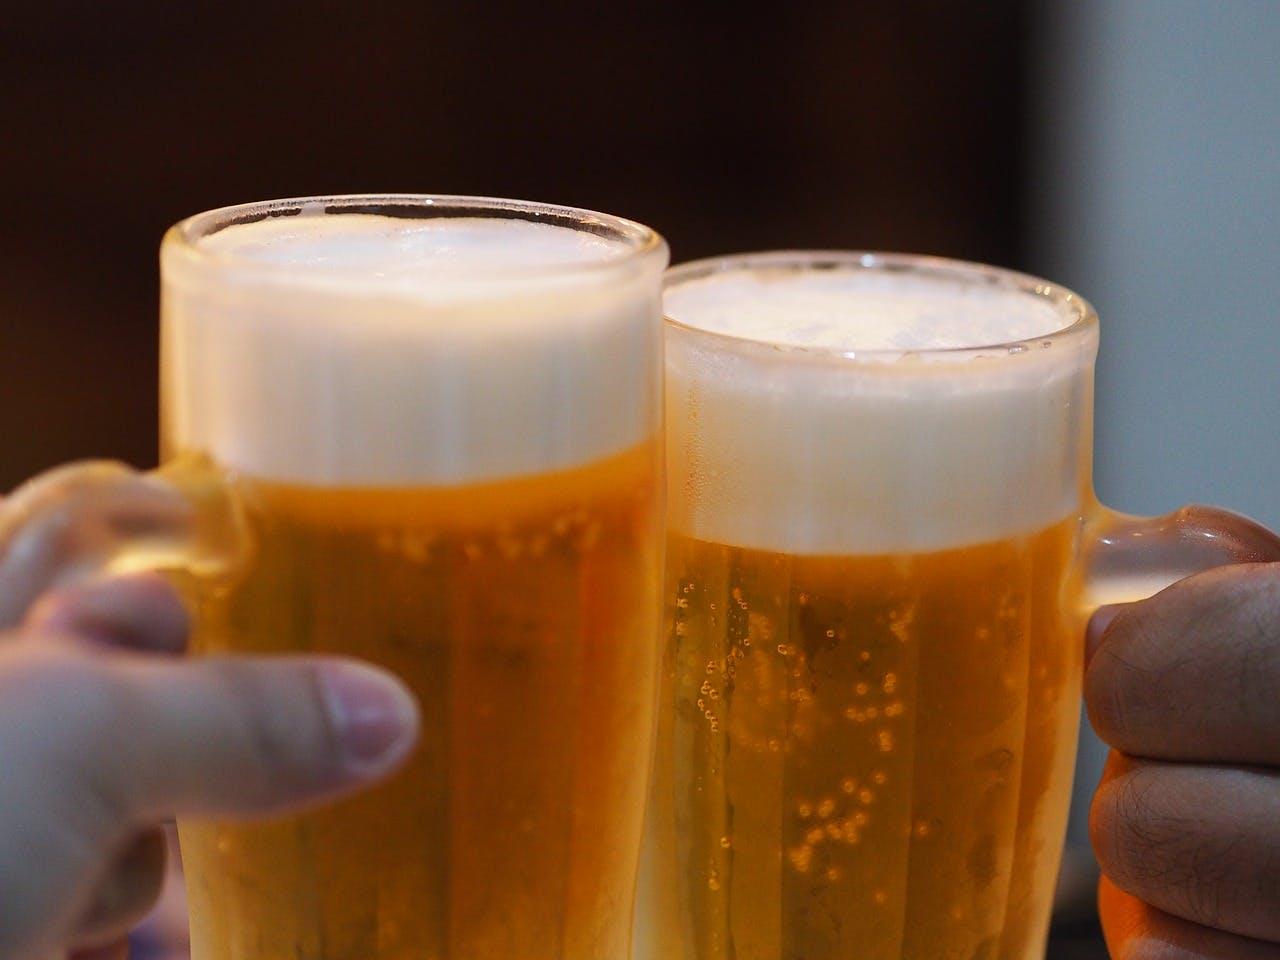 Two People having Beers